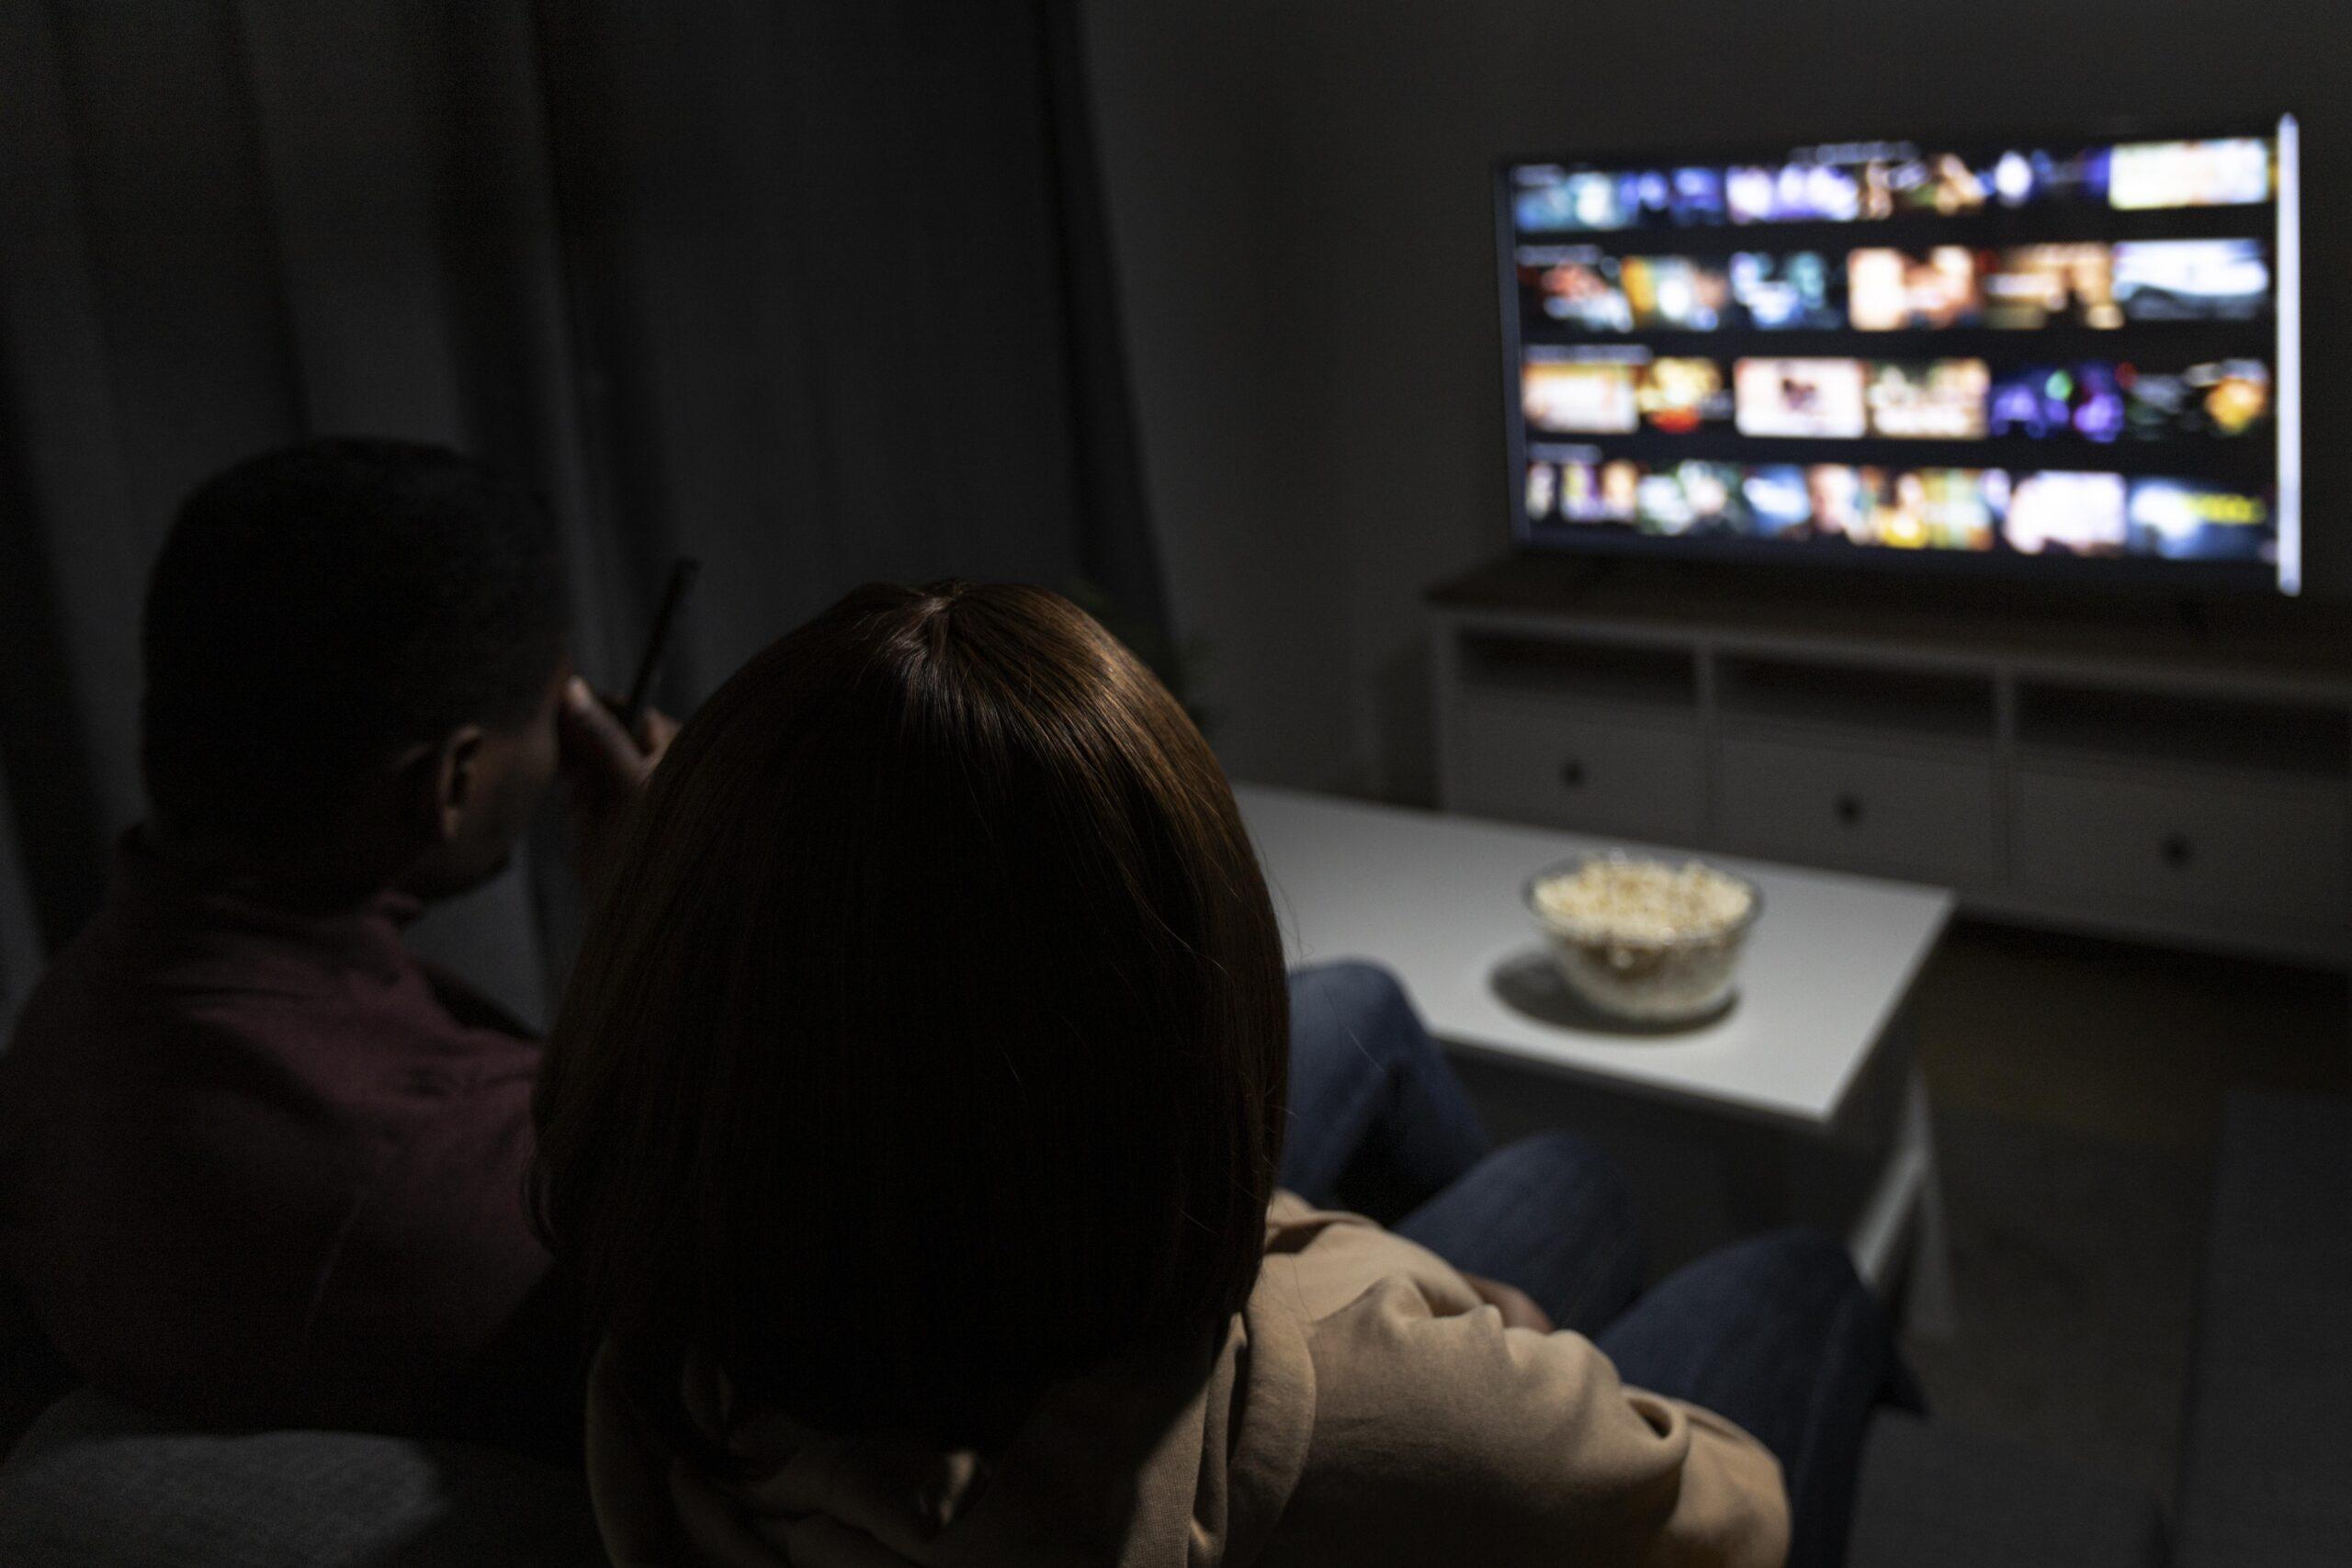 Más de 30 millones de colombianos han utilizado alguna plataforma de streaming